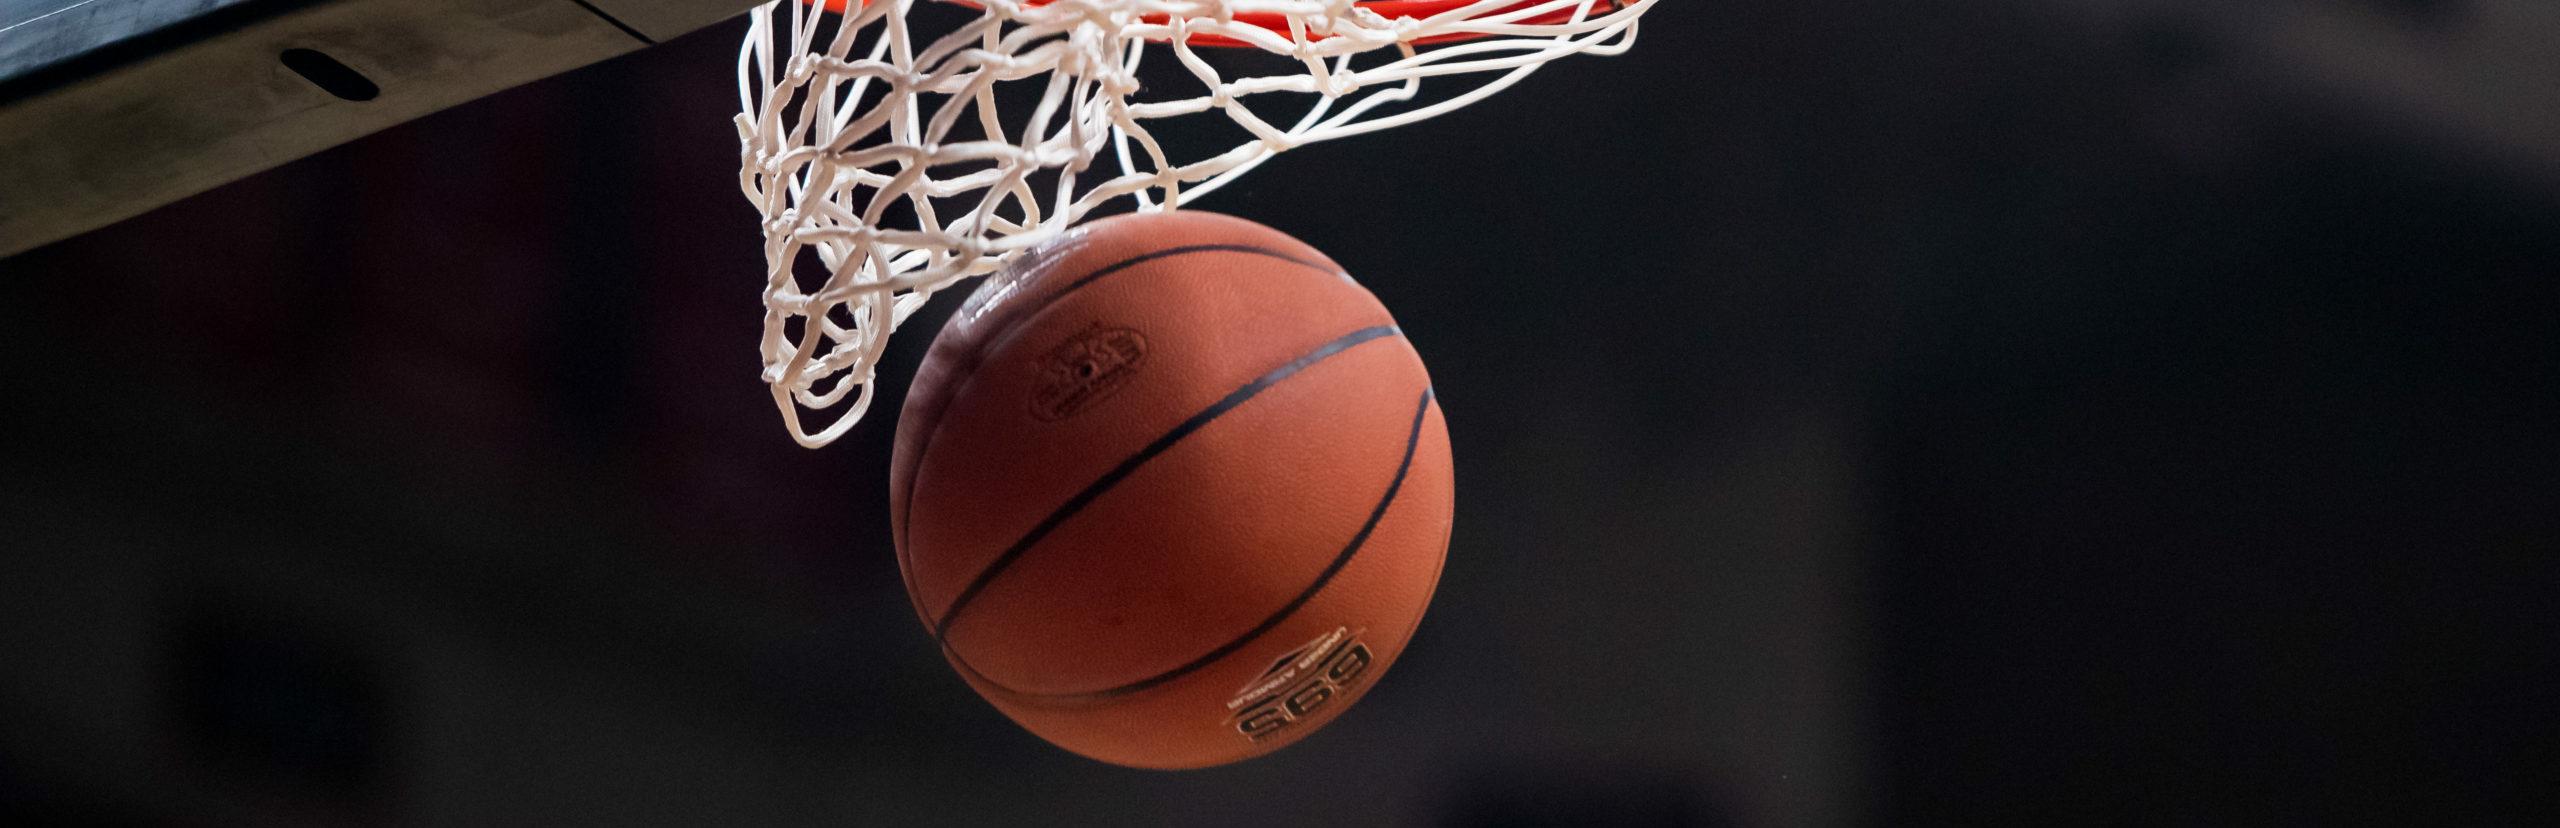 Pronostici NBA, 76ers sul velluto con i Lakers rotti? 3 consigli per stanotte